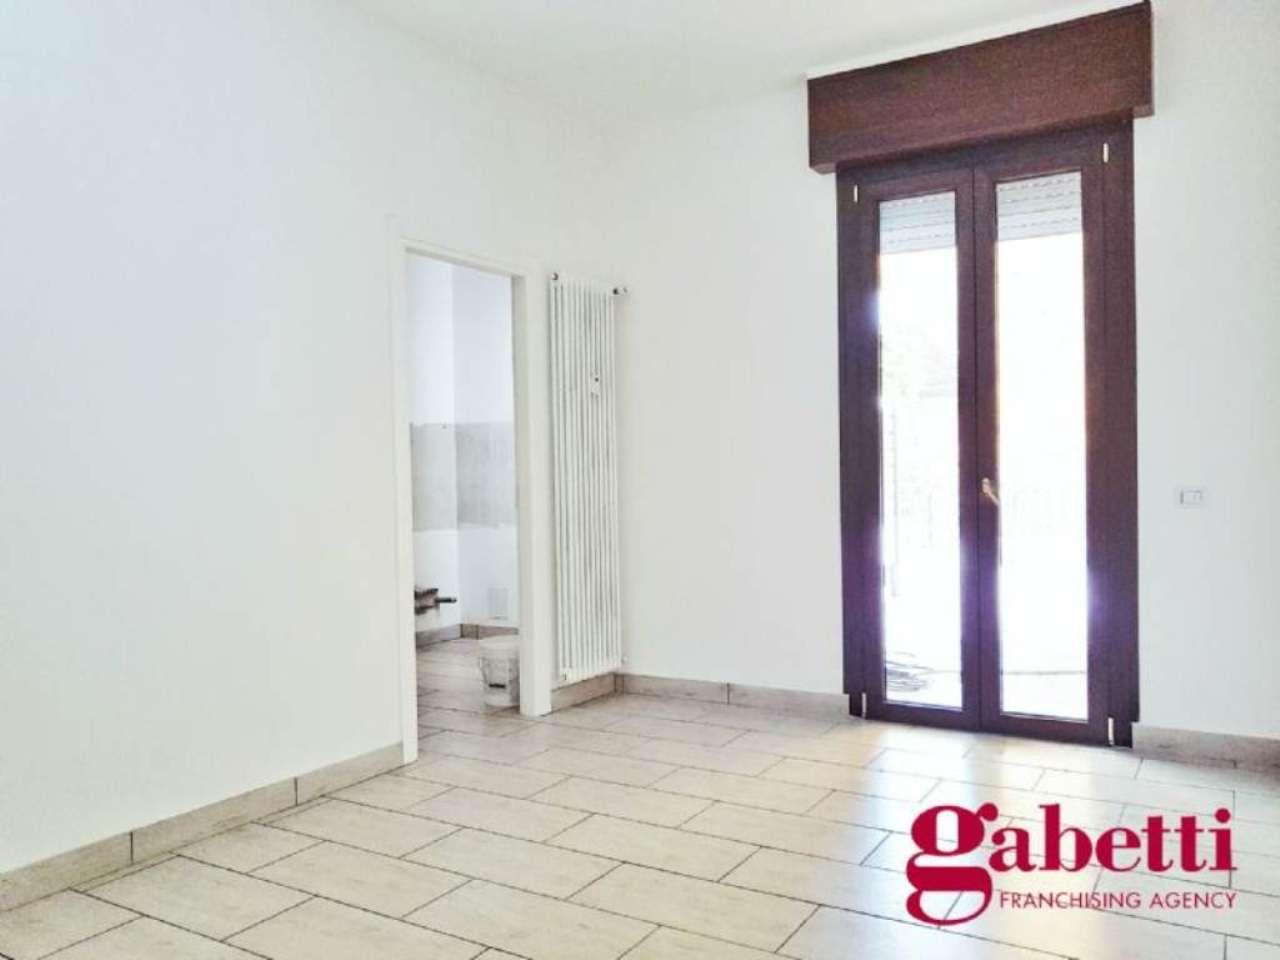 Appartamento in vendita a Castel Maggiore, 2 locali, prezzo € 128.000 | Cambio Casa.it